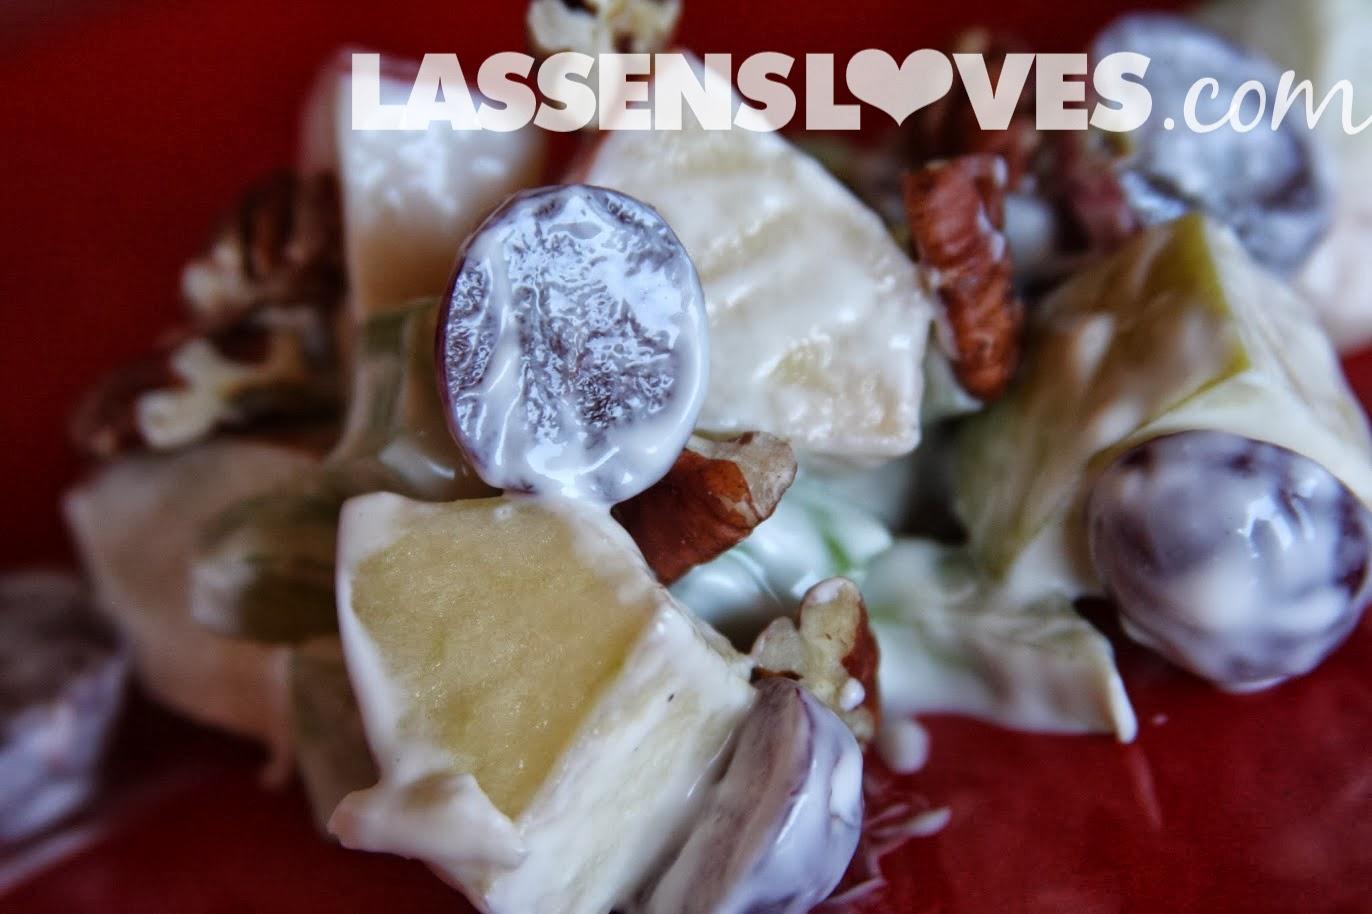 lassensloves.com, Lassen's, Lassens, waldorf+salad, grapes, apples, salad